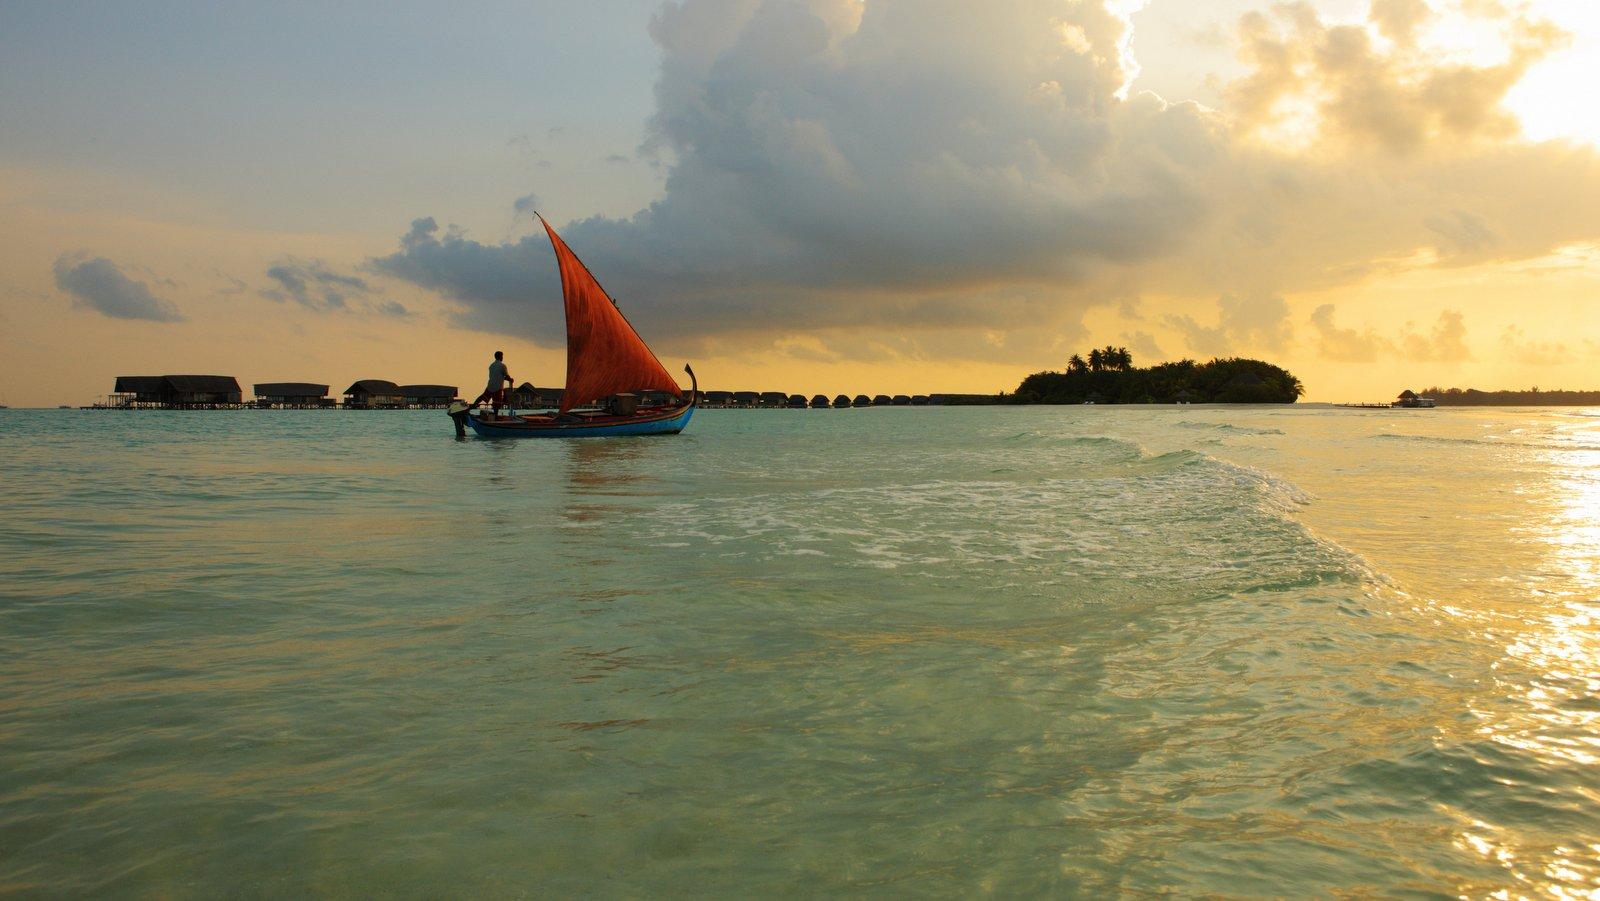 Мальдивы, отель COMO Cocoa Island на закате